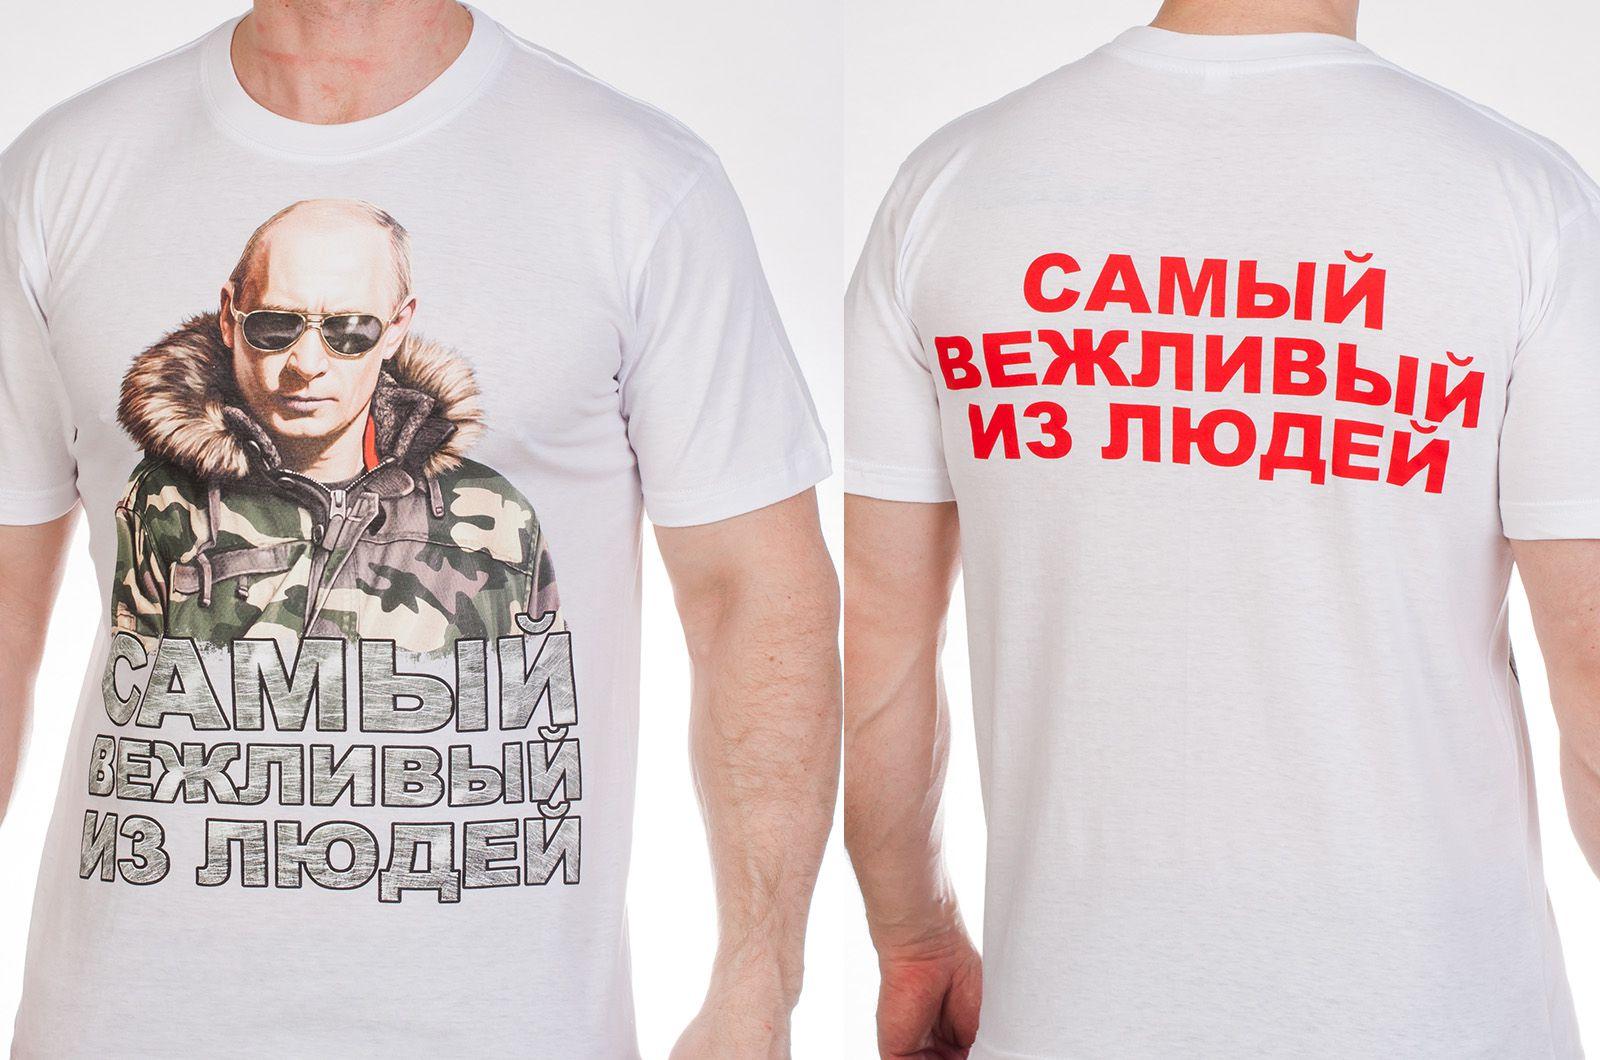 Заказать футболки с изображением Путина